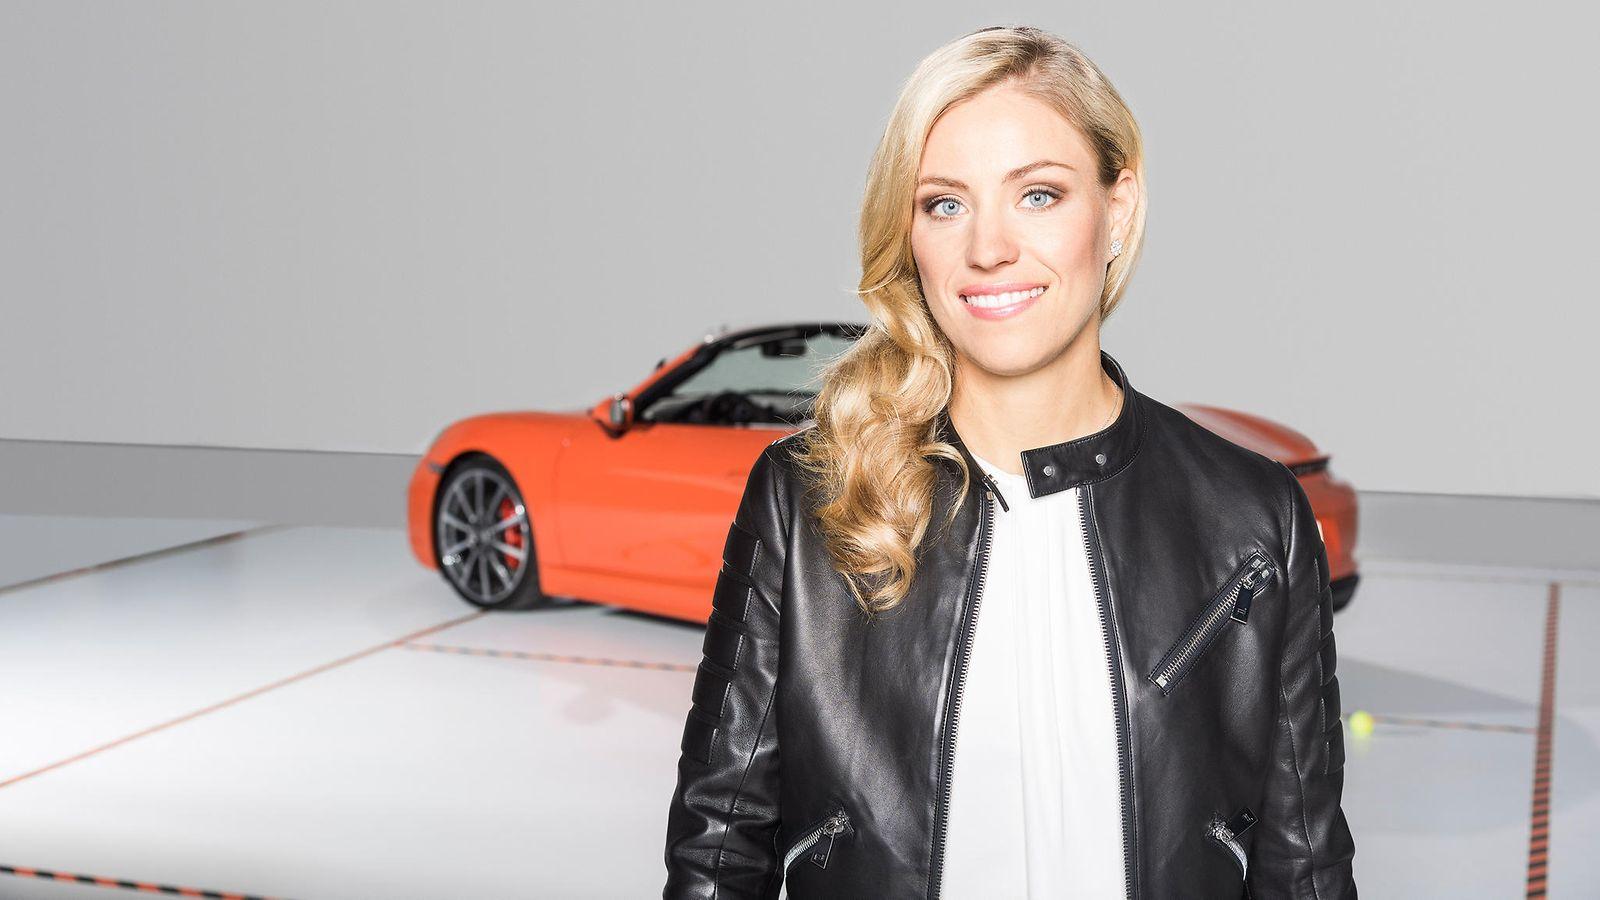 Silm 228 Karkkia Tennist 228 Hti Kerber Porsche Kuvauksissa Lifestyle Mtv Fi